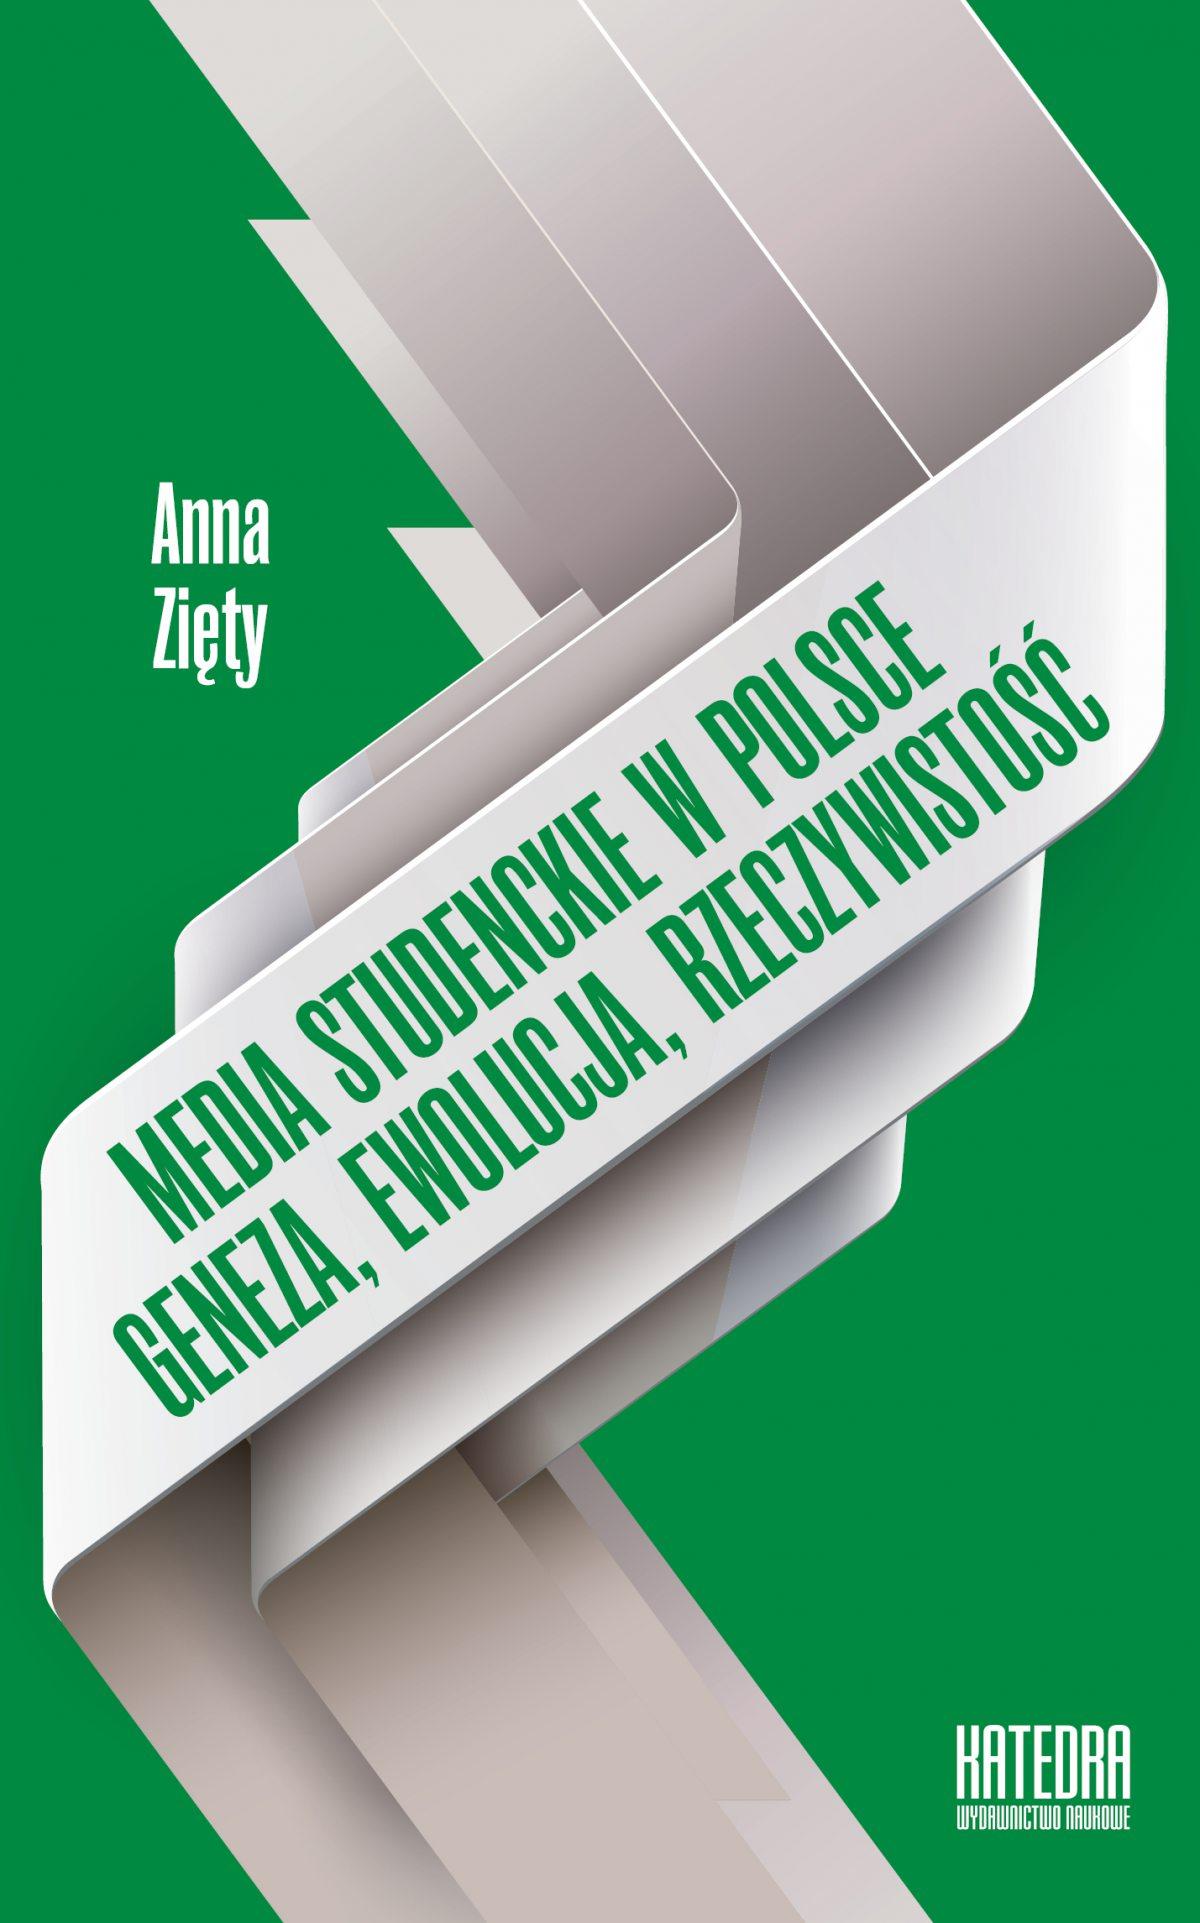 Media studenckie w Polsce. Geneza. Ewolucja. Rzeczywistość - Ebook (Książka na Kindle) do pobrania w formacie MOBI